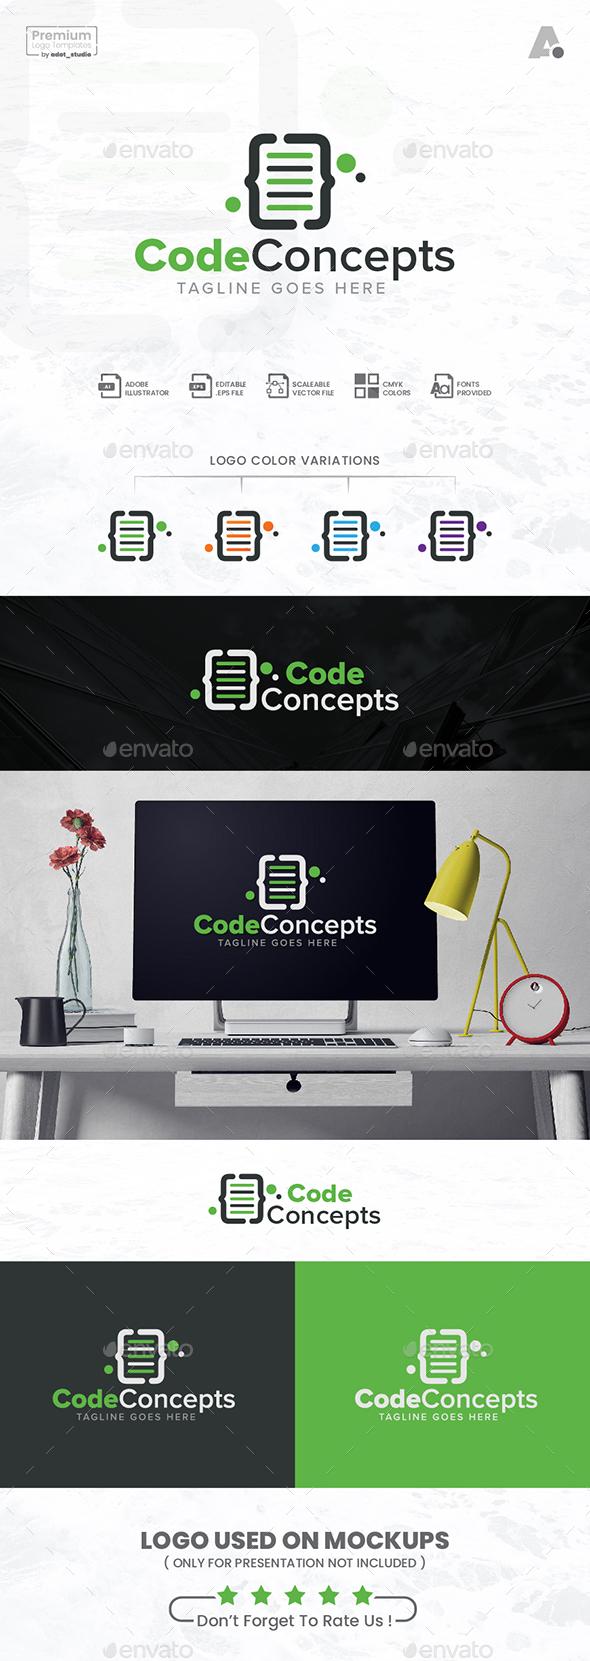 Coding Logo, Code concepts logo